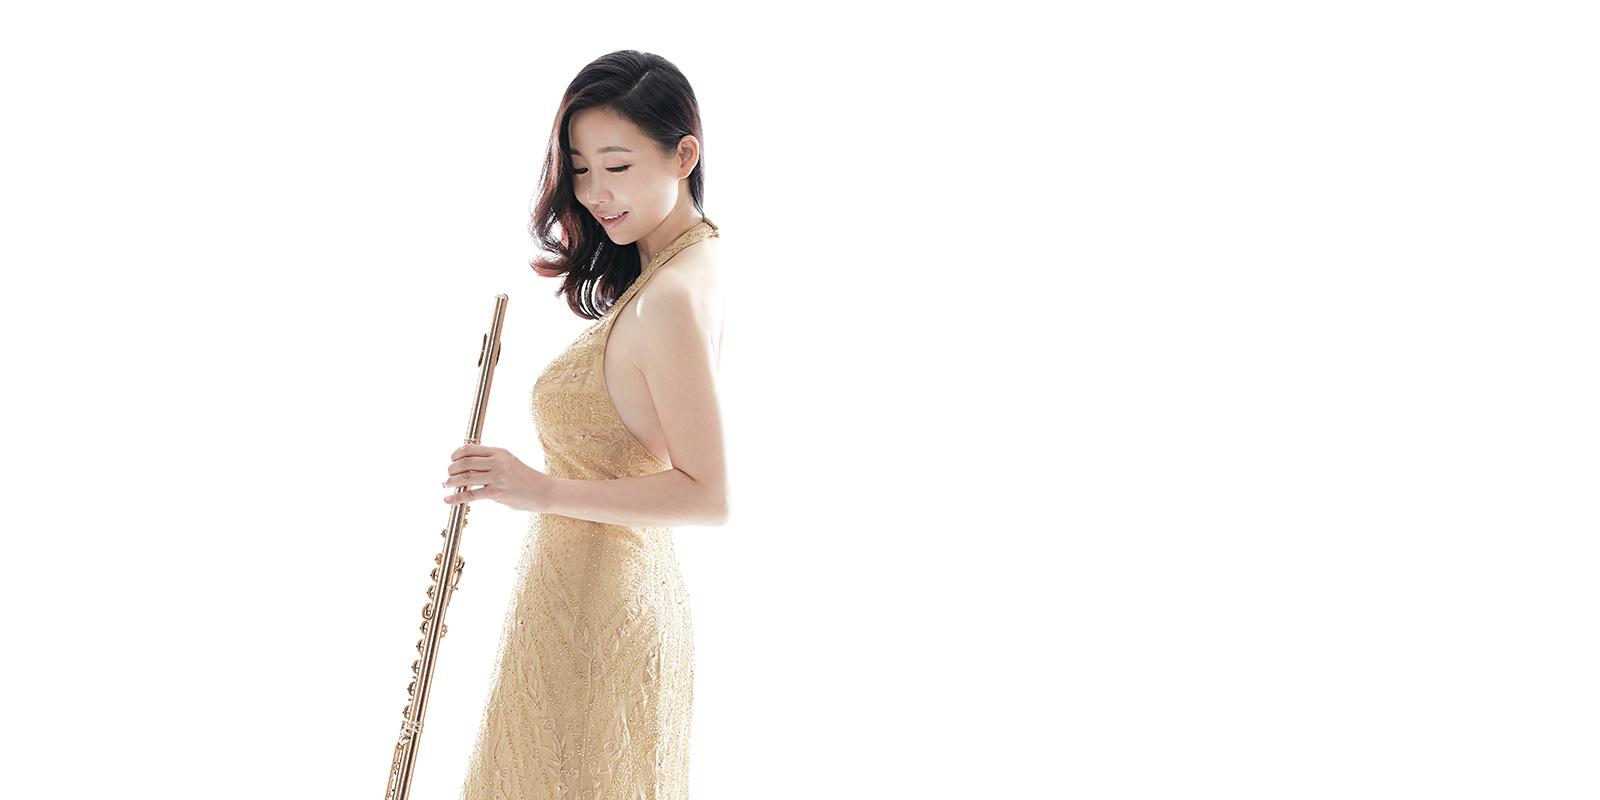 Flutist Soohyun Paik - header